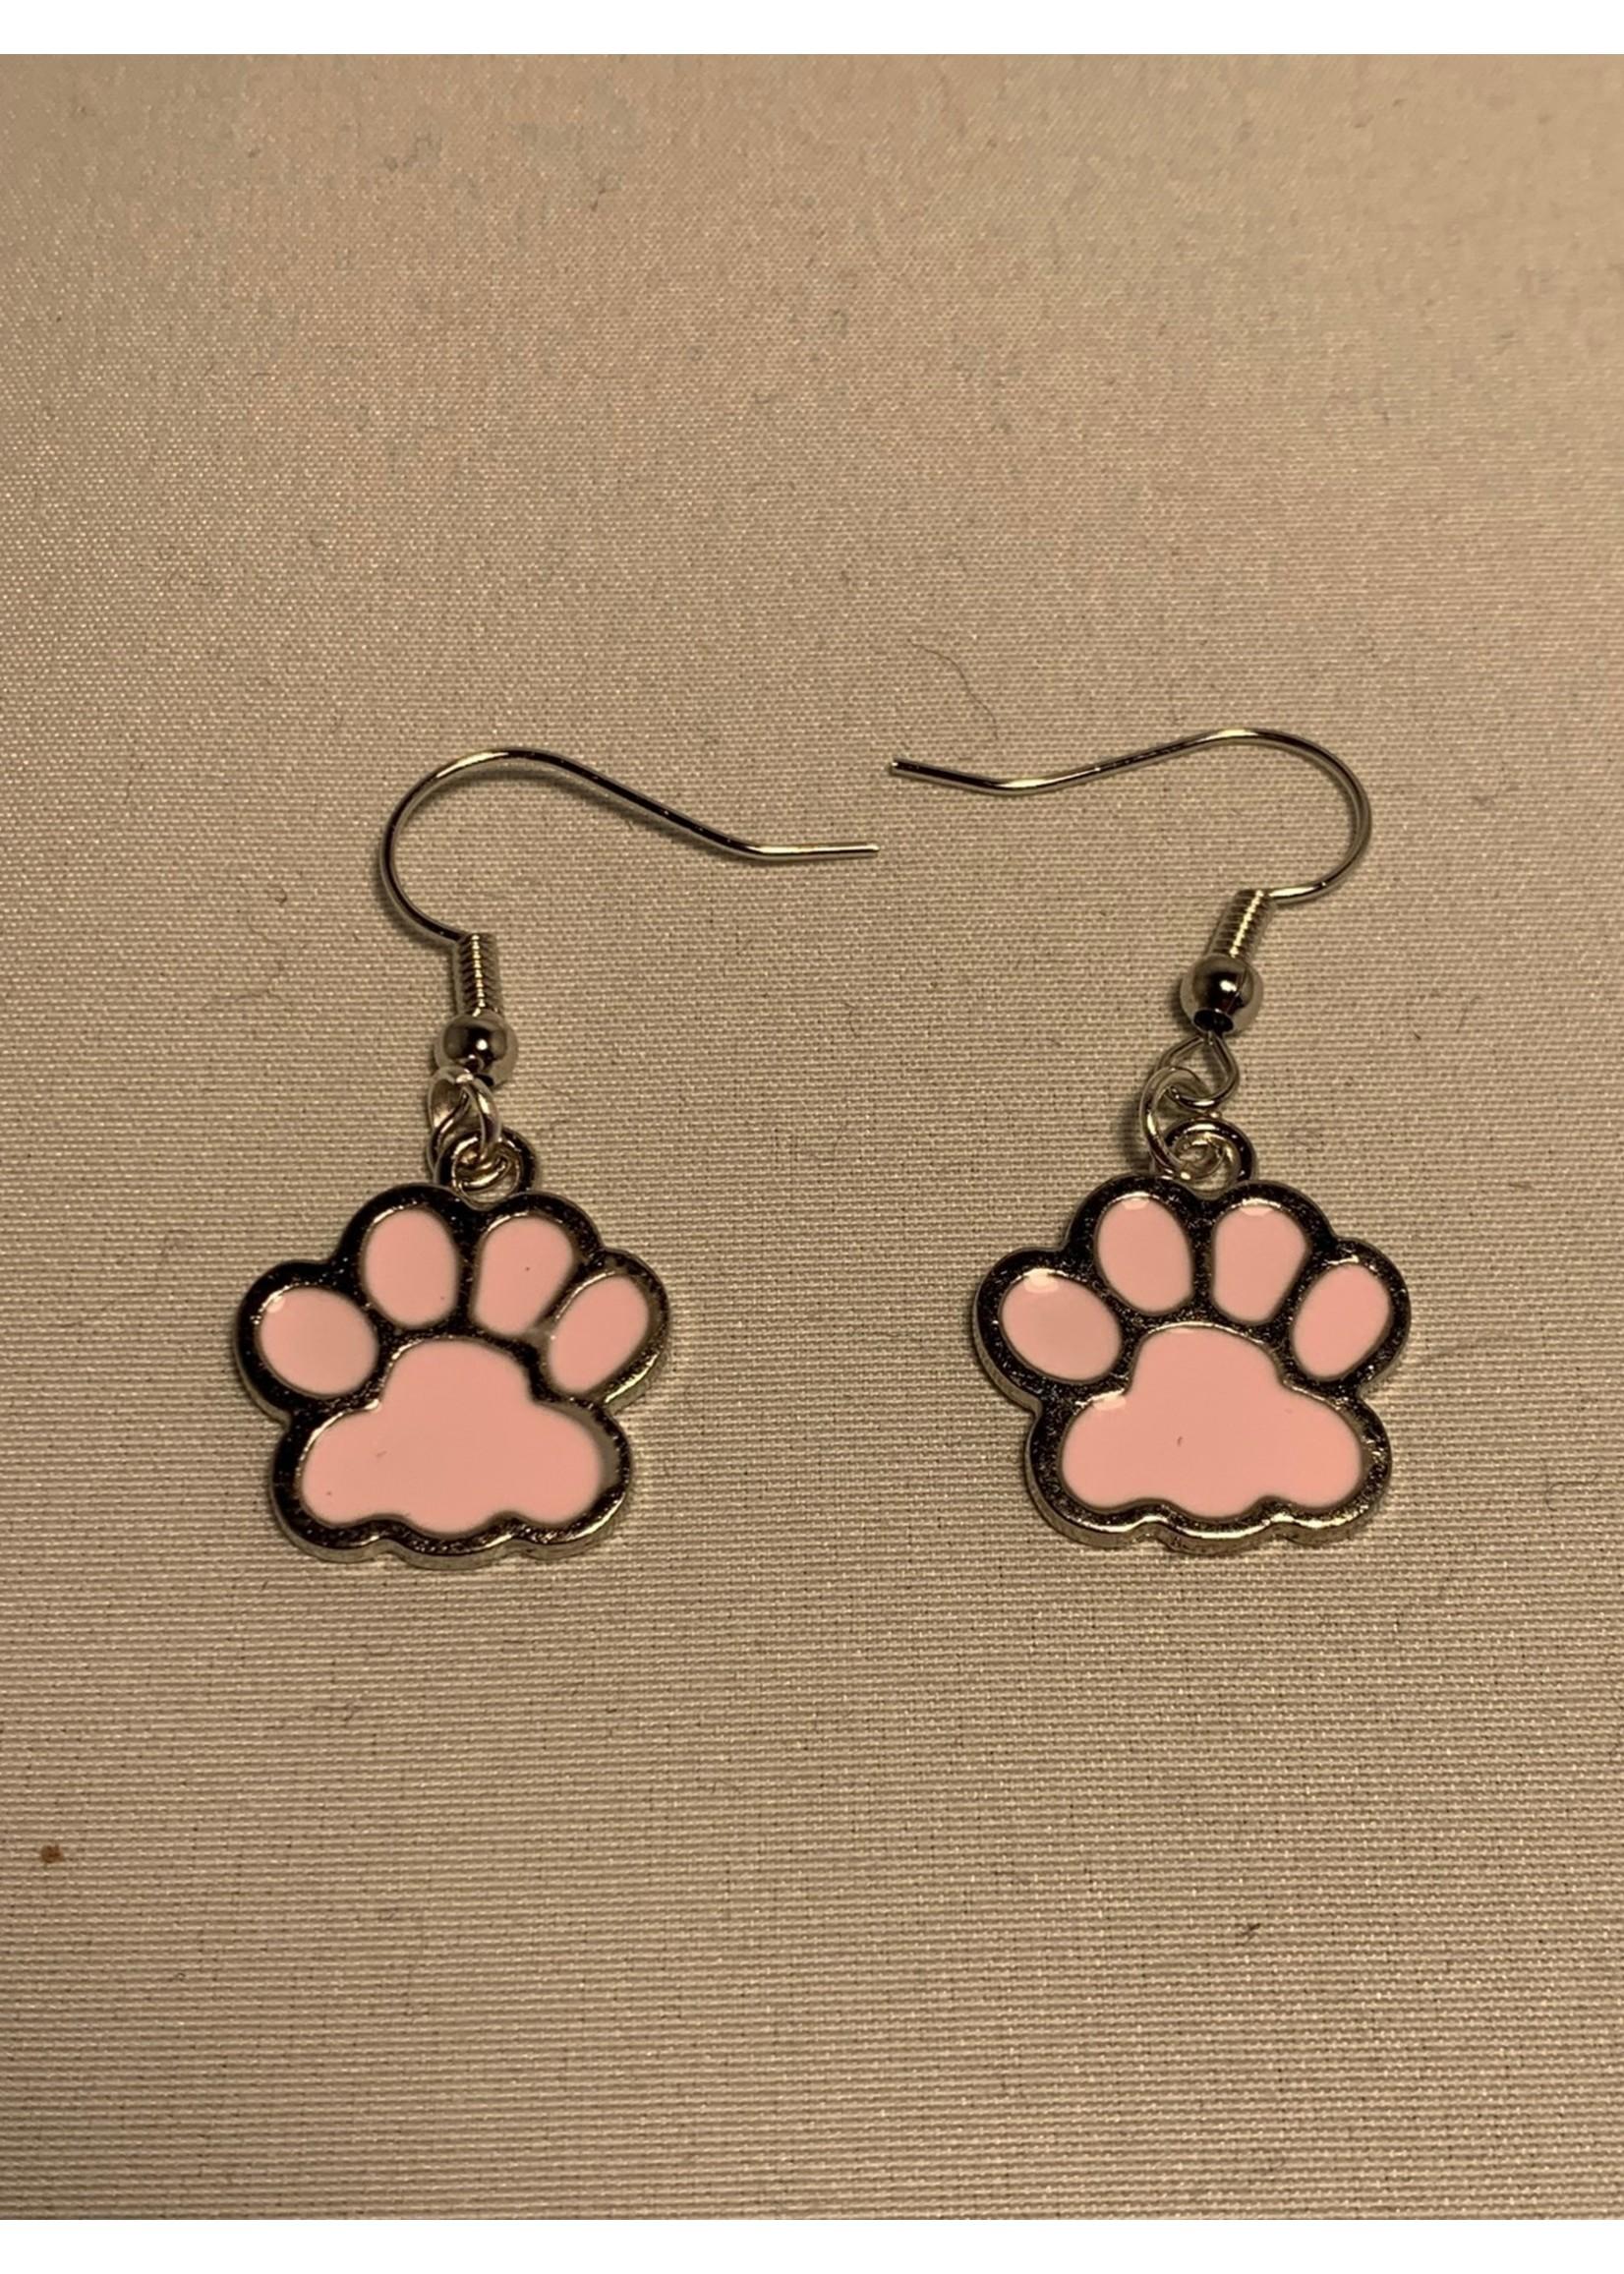 Earrings Pink Paw Prints